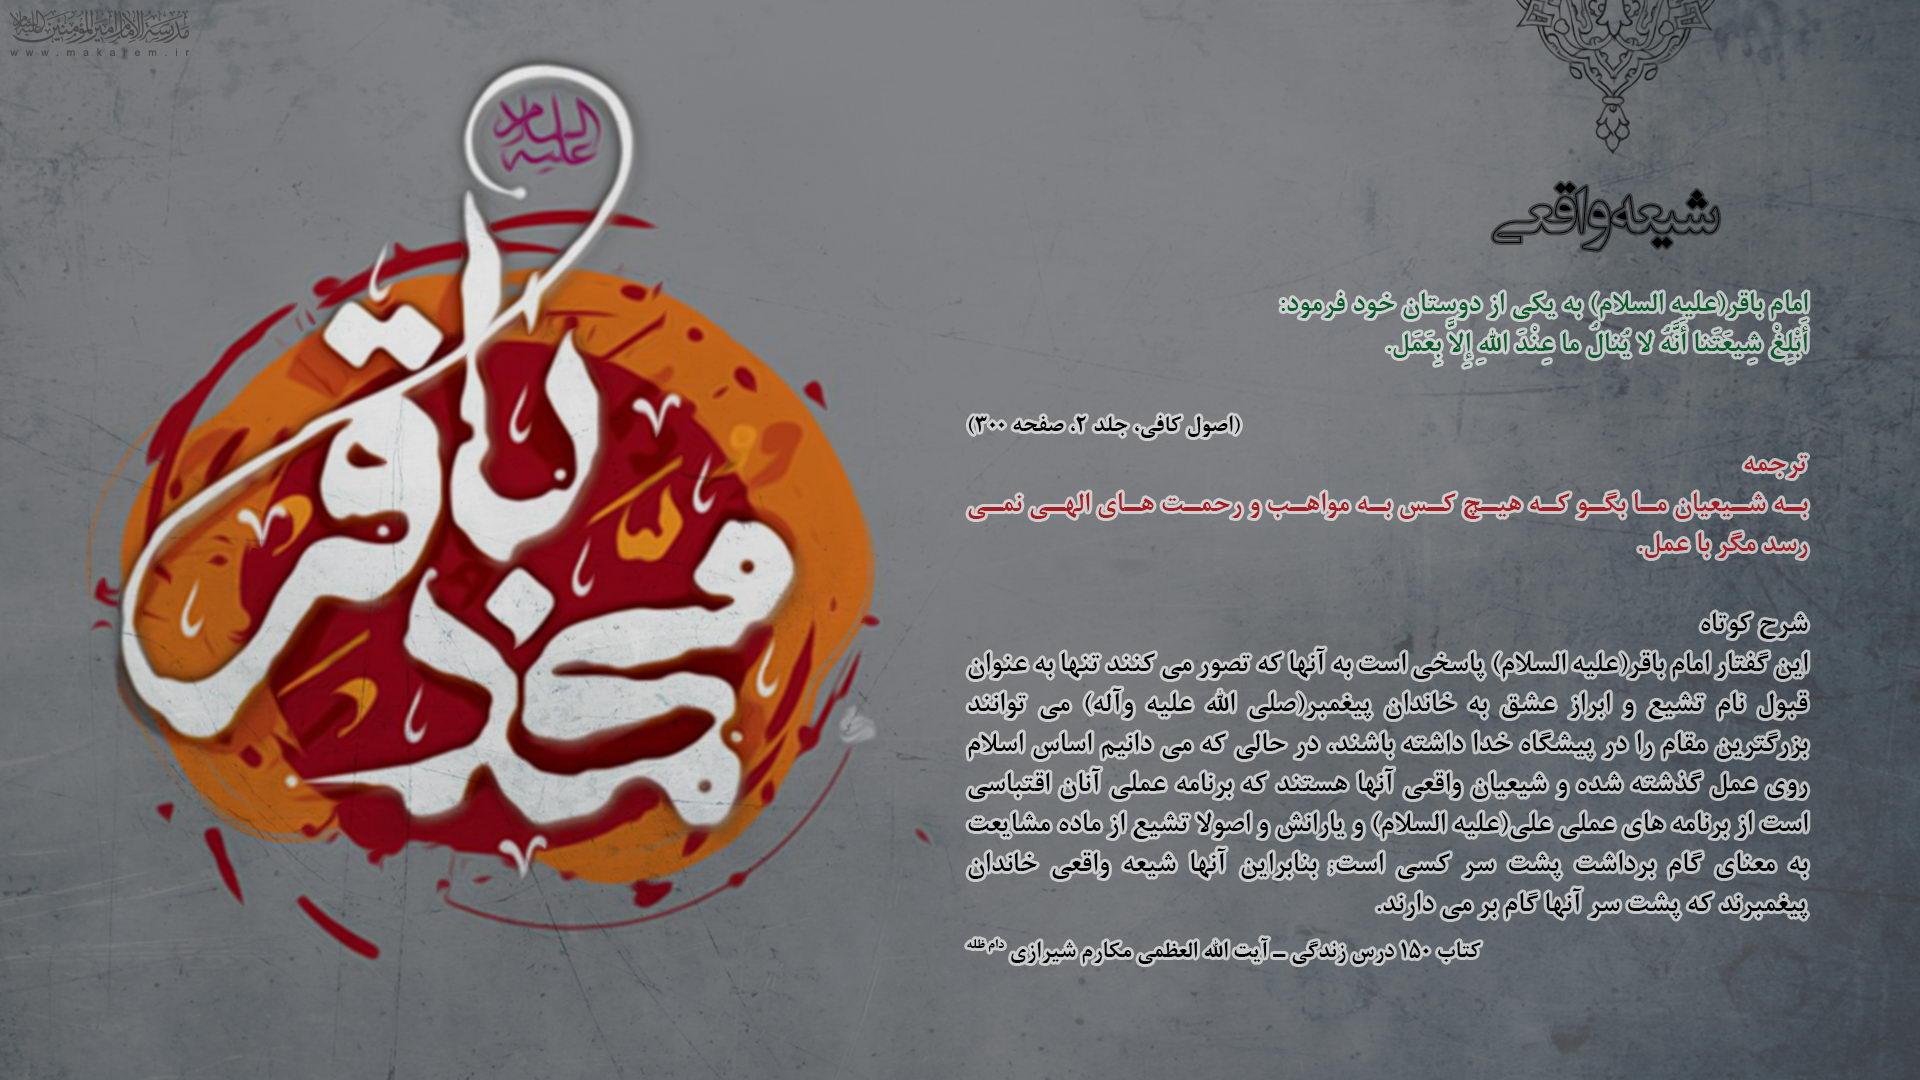 شیعه واقعی-مدرسه الامام امیر المومنین (ع)